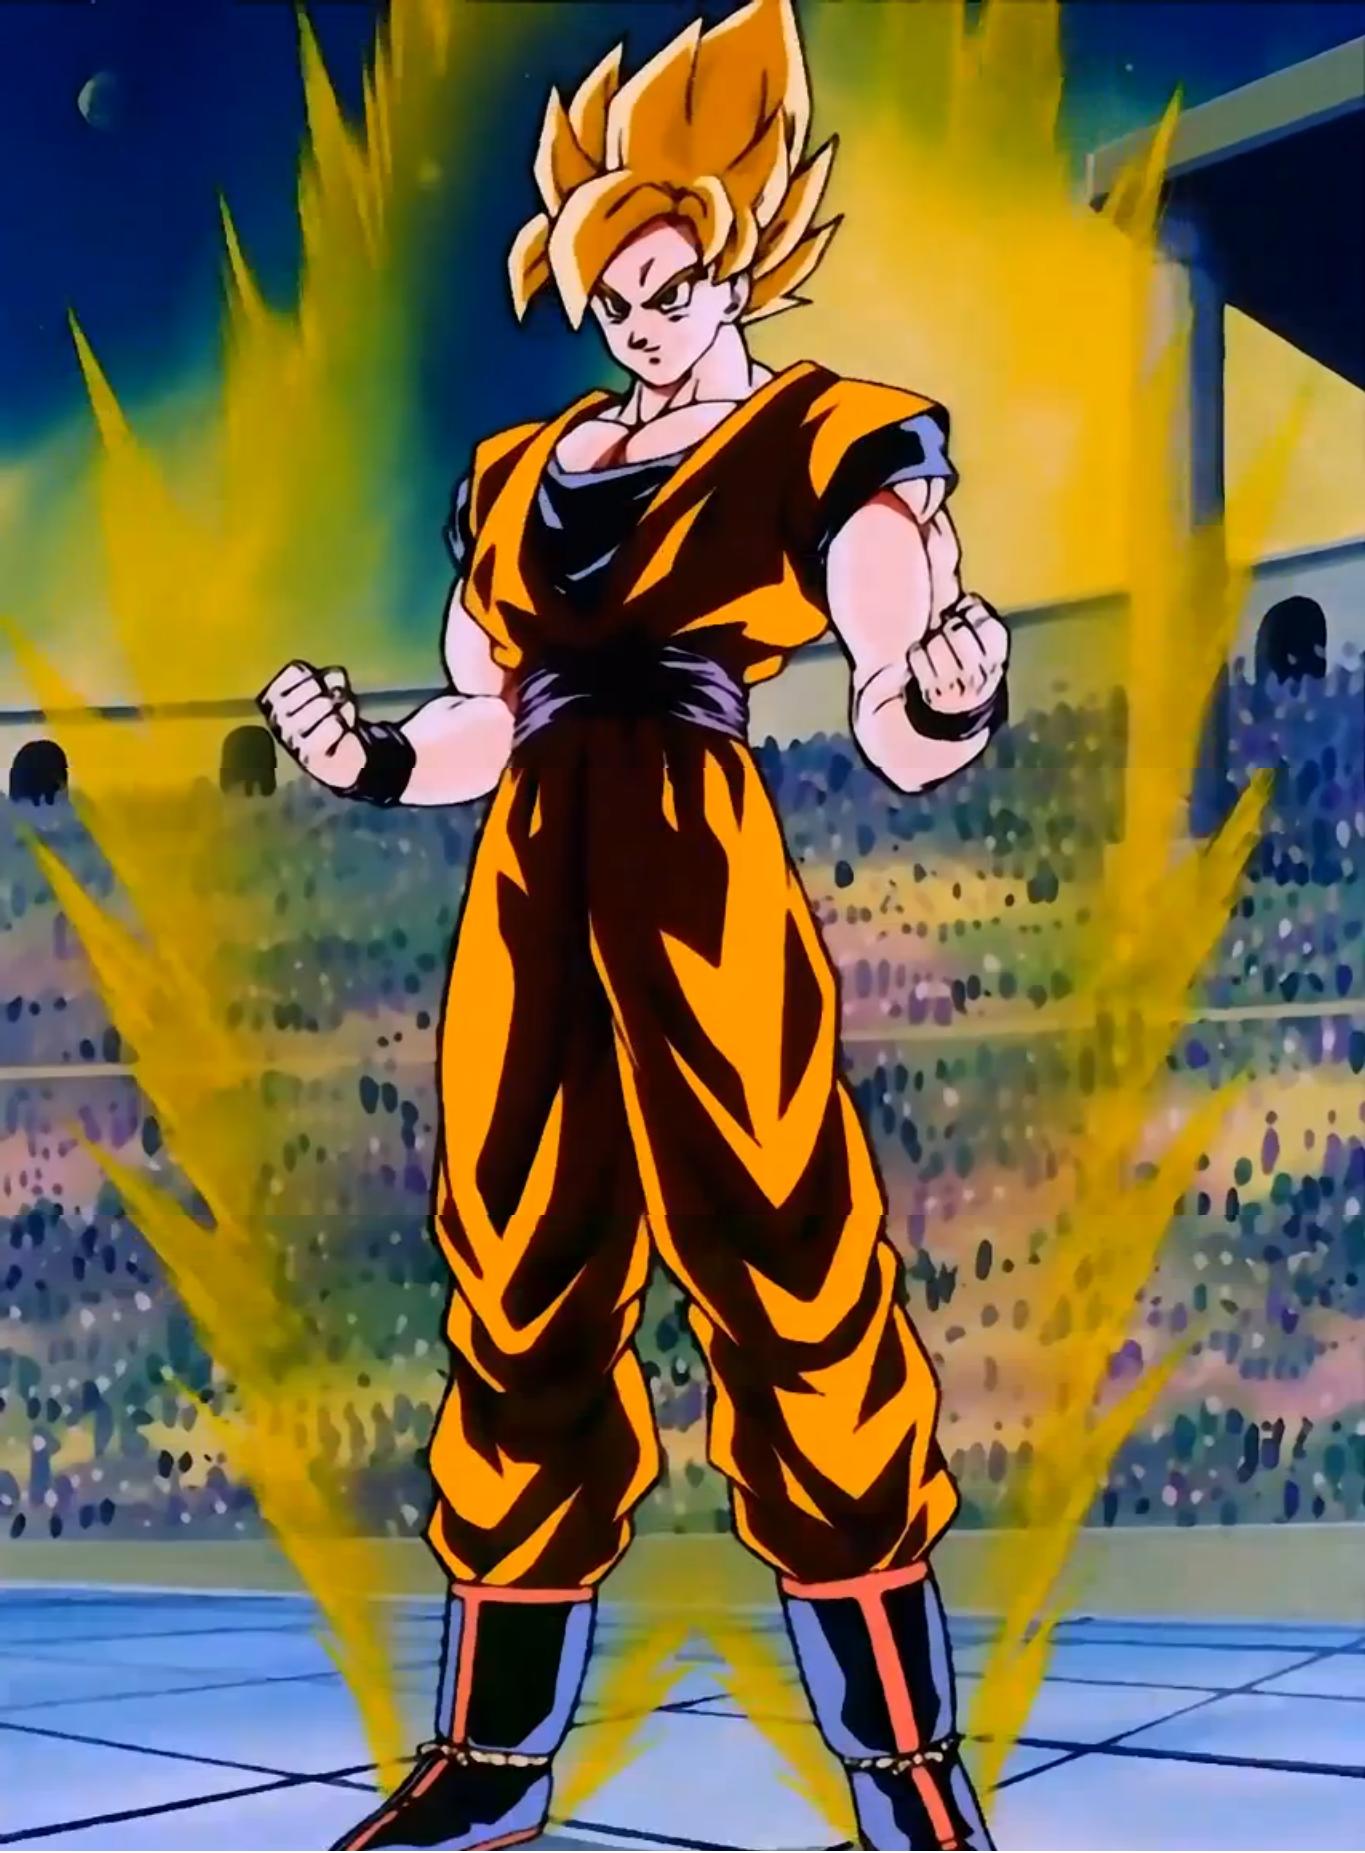 Son goku poderes e habilidades dragon ball wiki fandom - Sangoku super sayen 2 ...